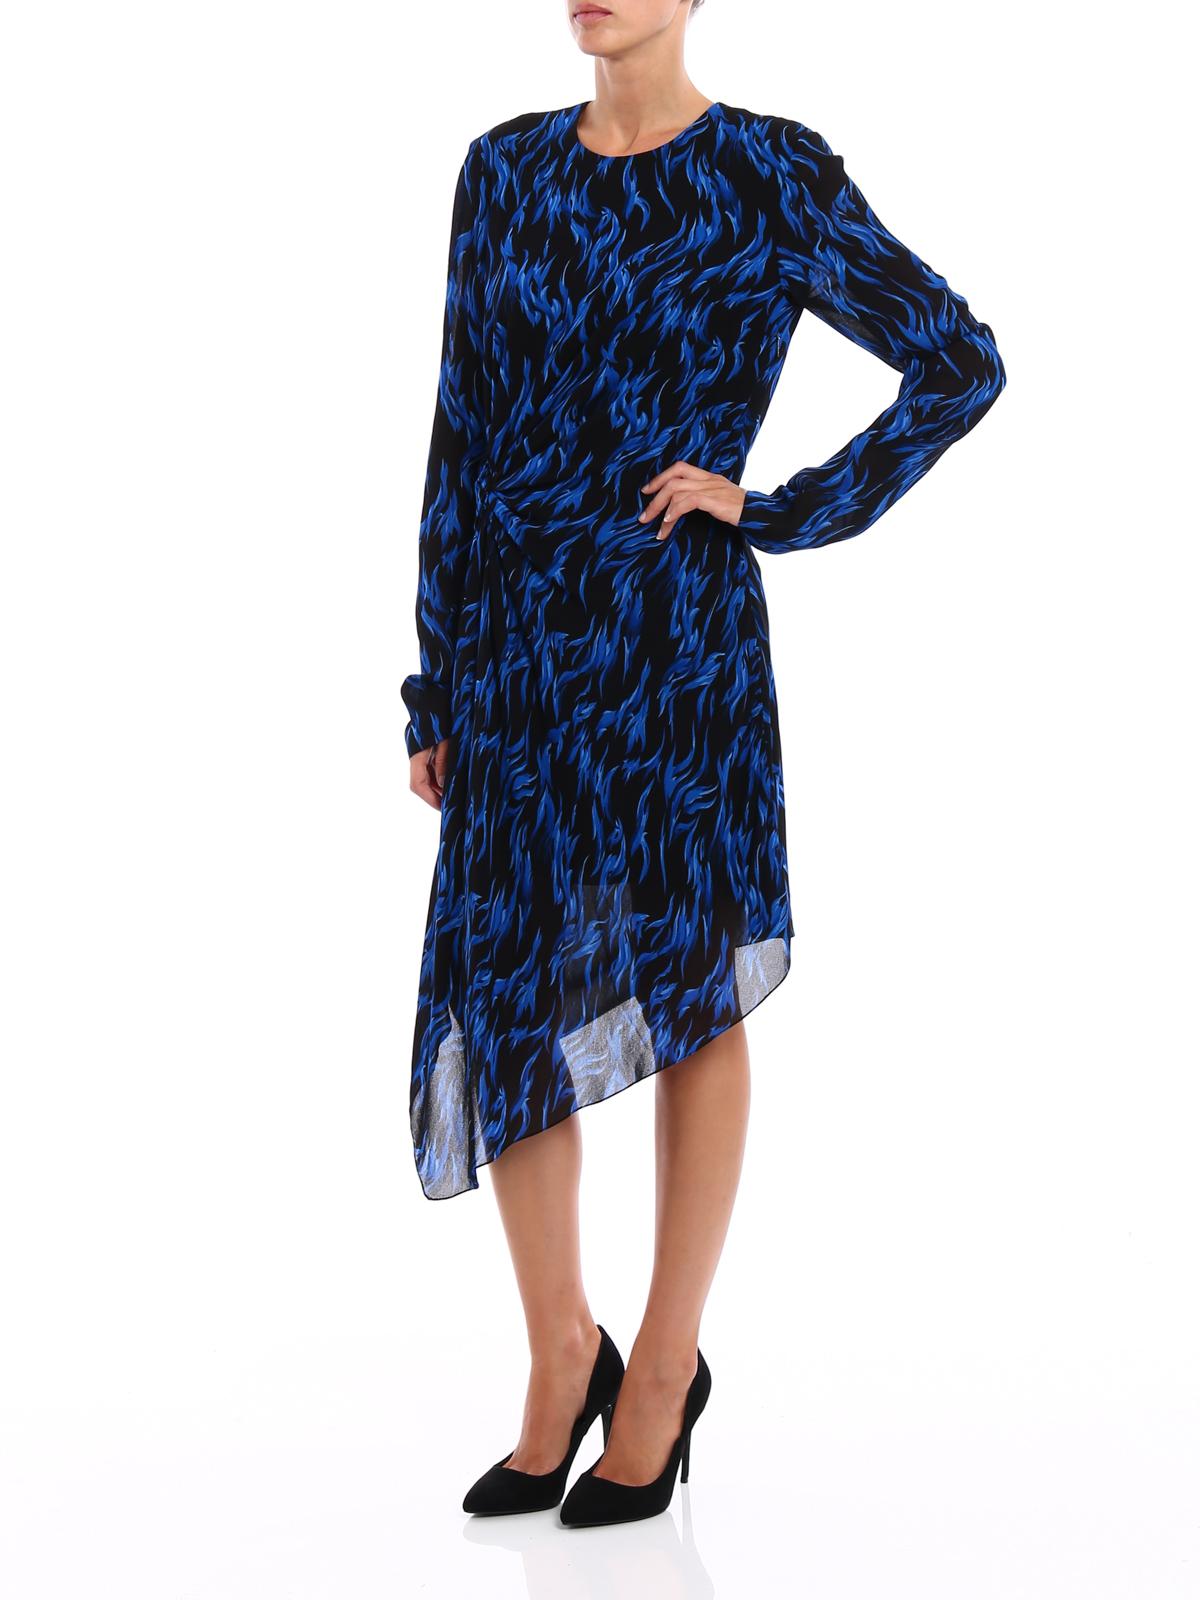 28f977a8388 Saint Laurent - Patterned crepe asymmetric dress - knee length ...